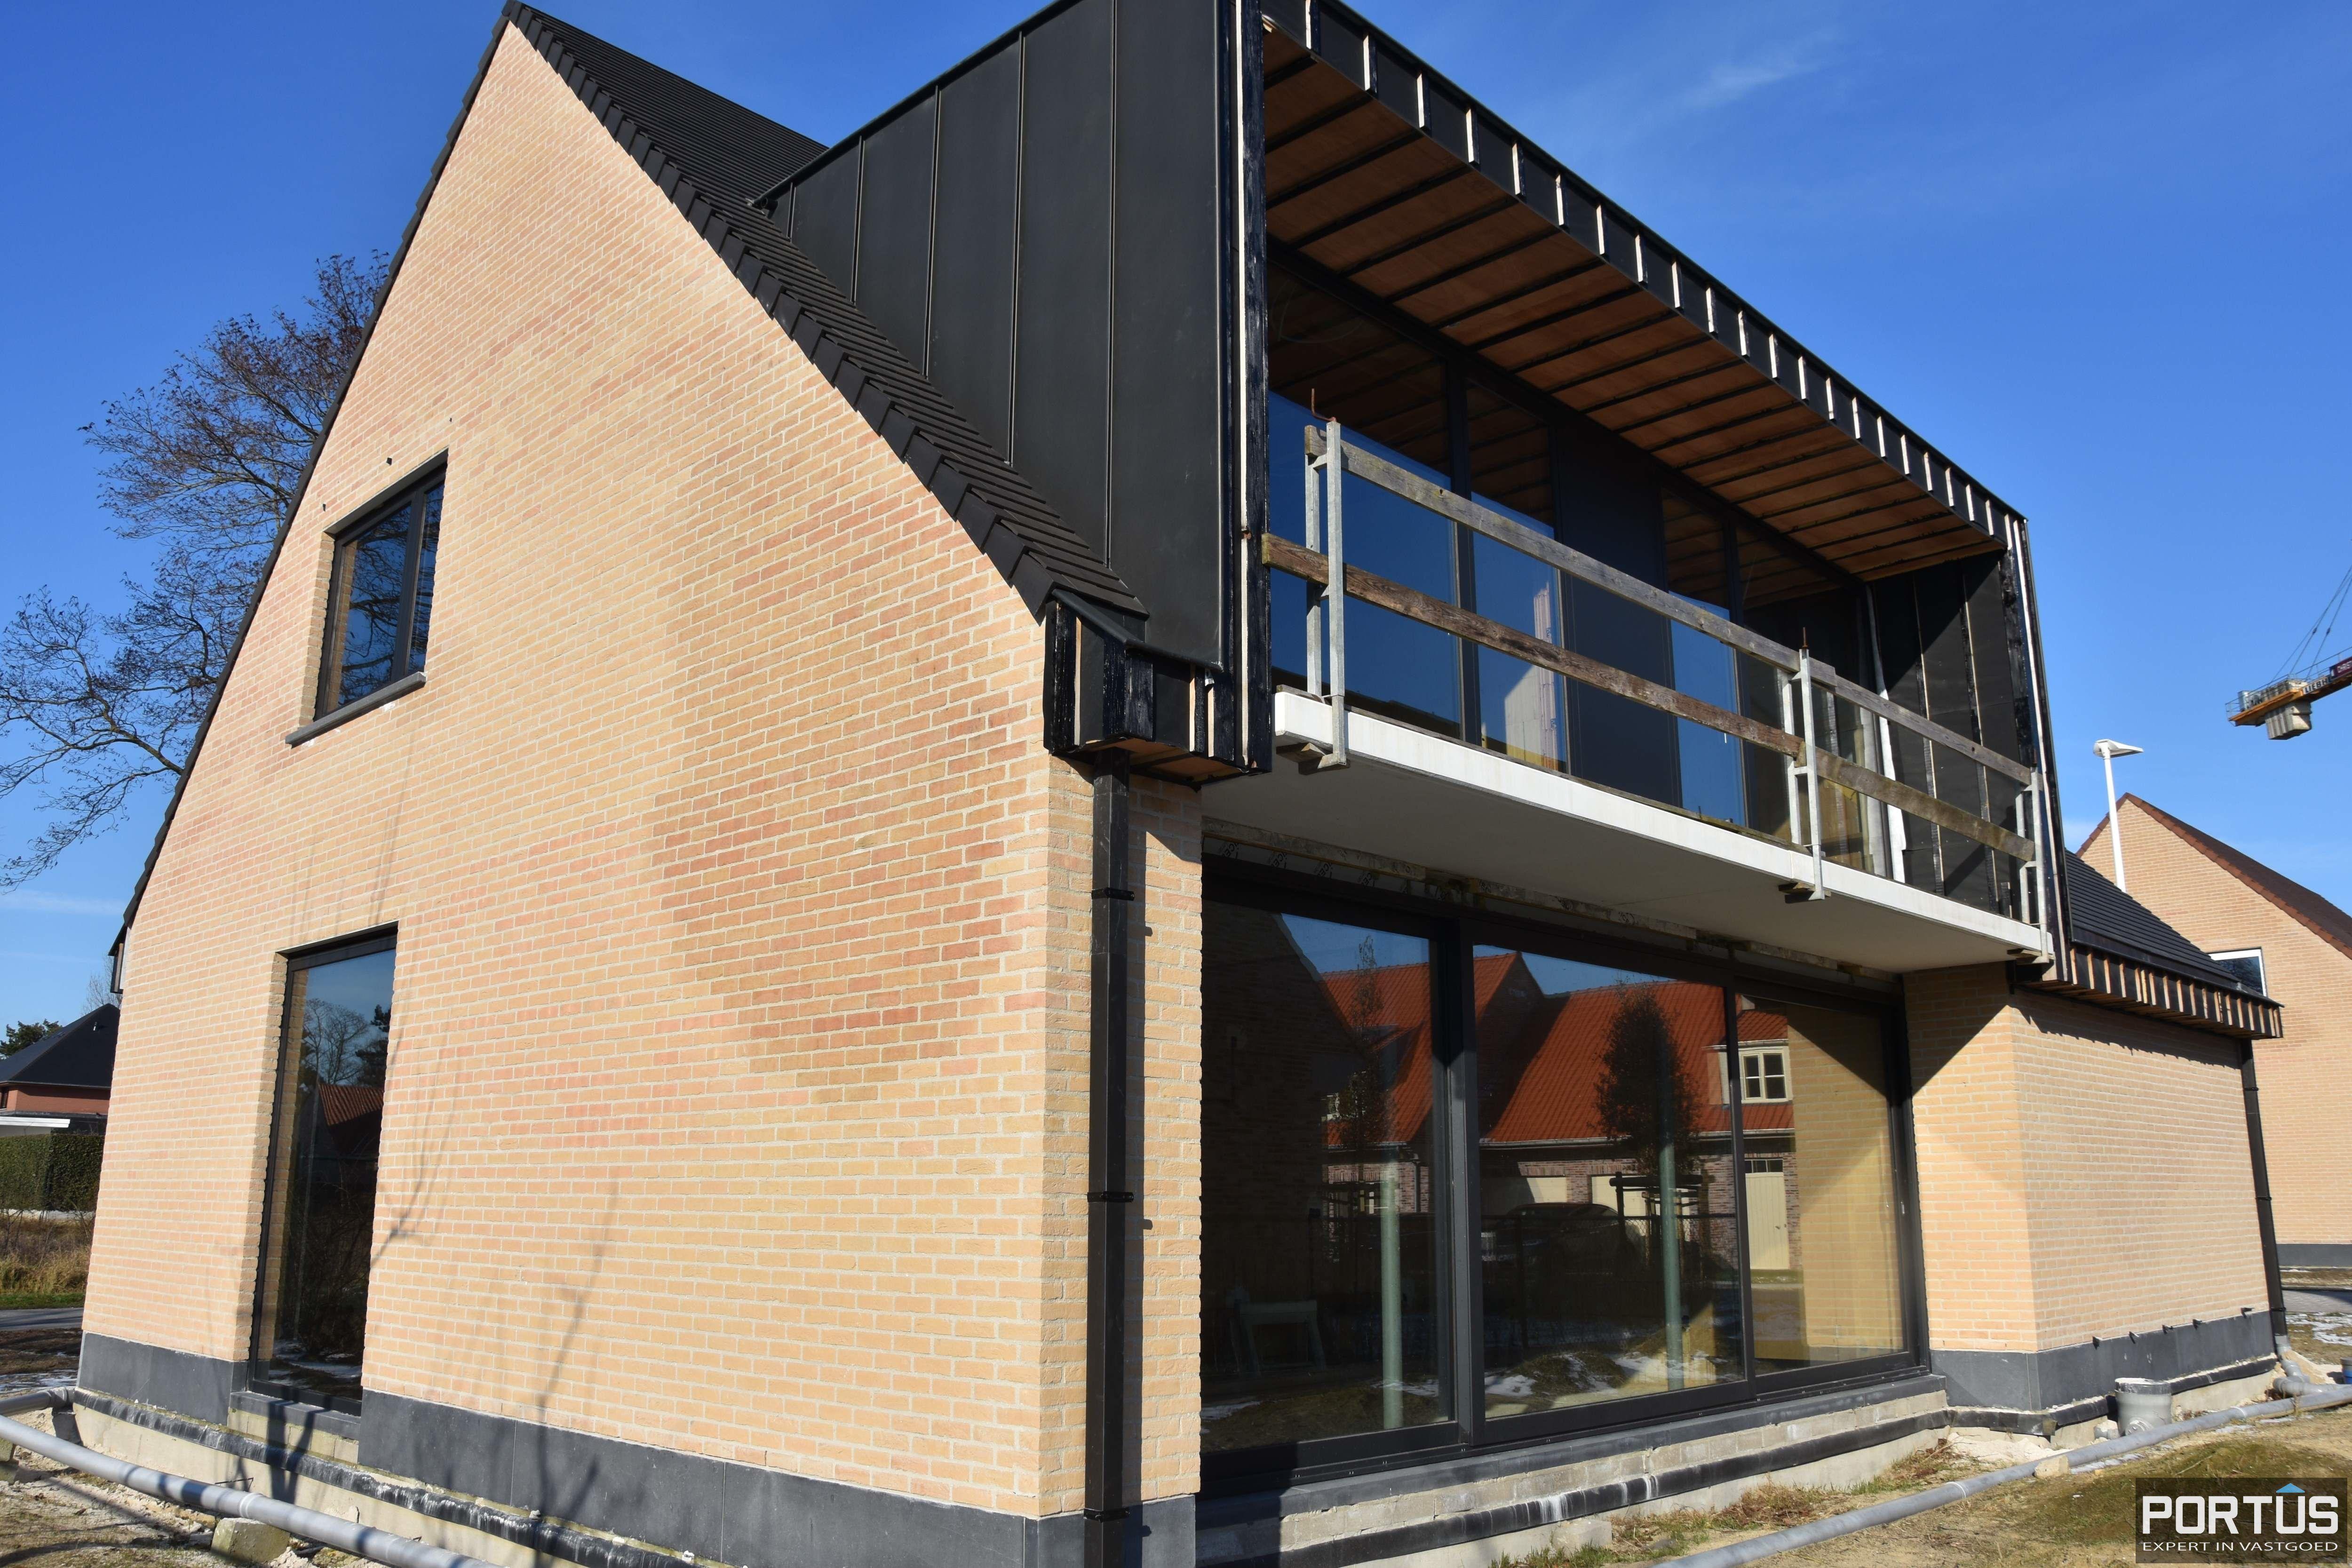 Nieuwbouwvilla met 3 slaapkamers te koop te Nieuwpoort  - 12287